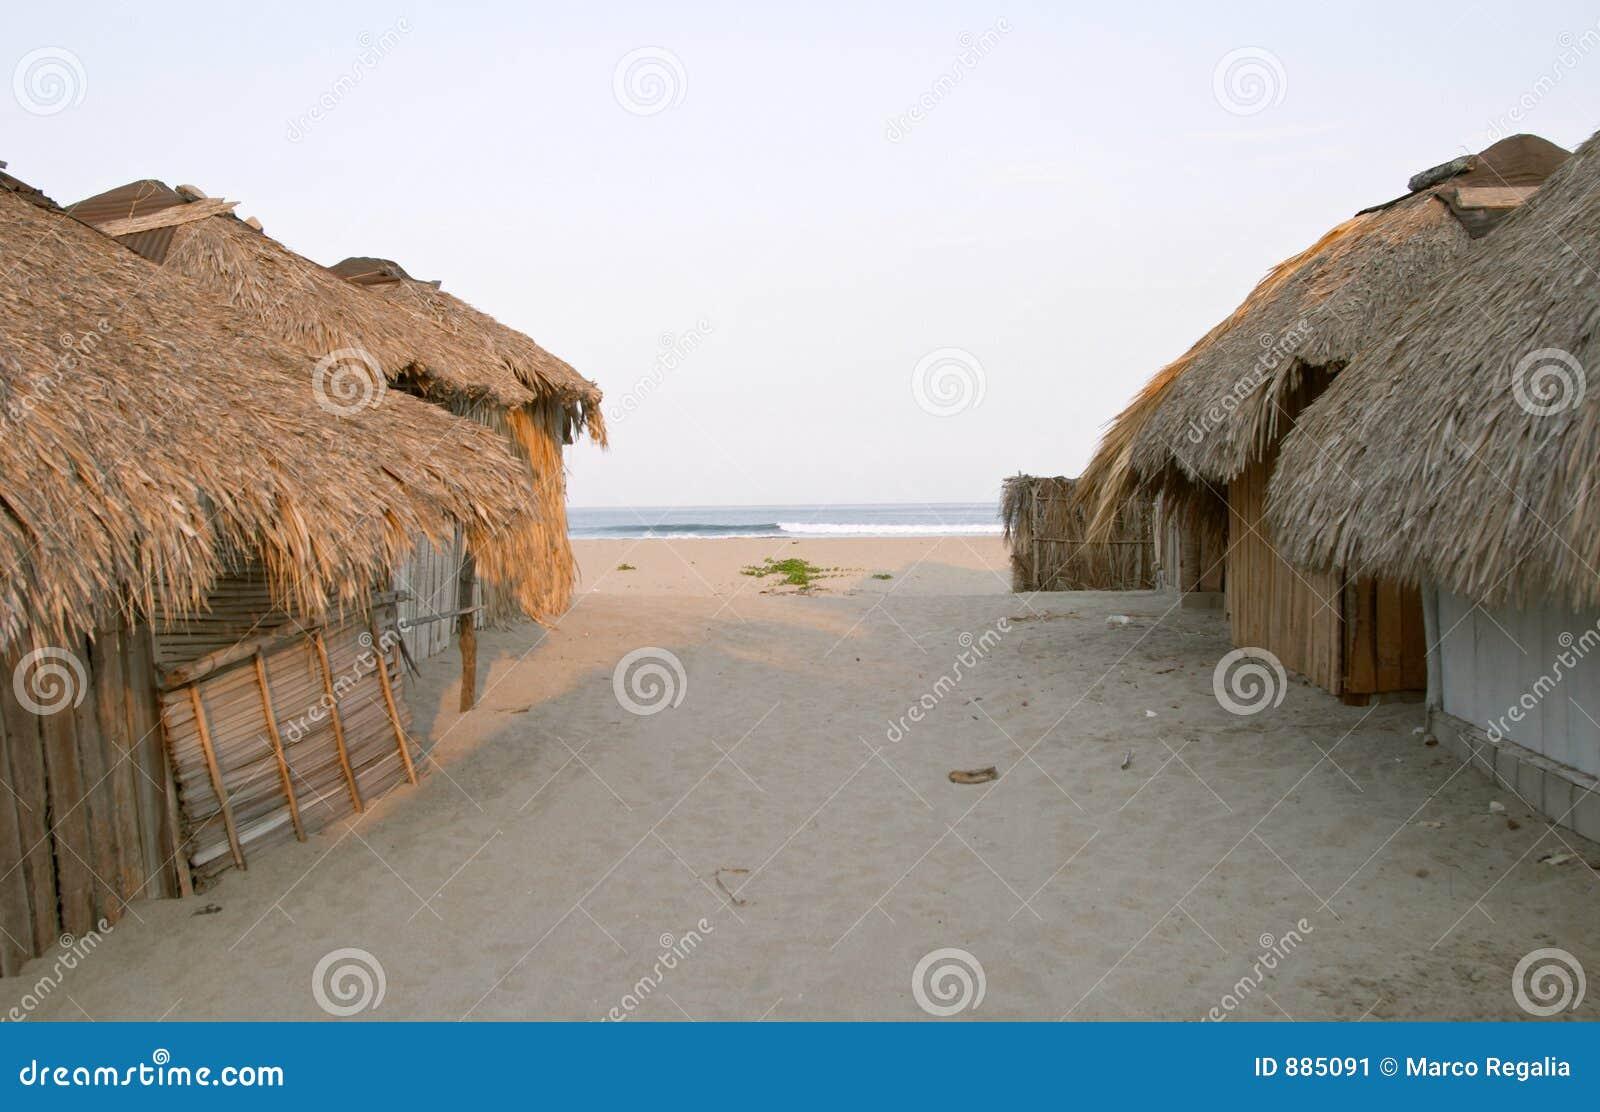 Cabanas De Lagunas Chacagua